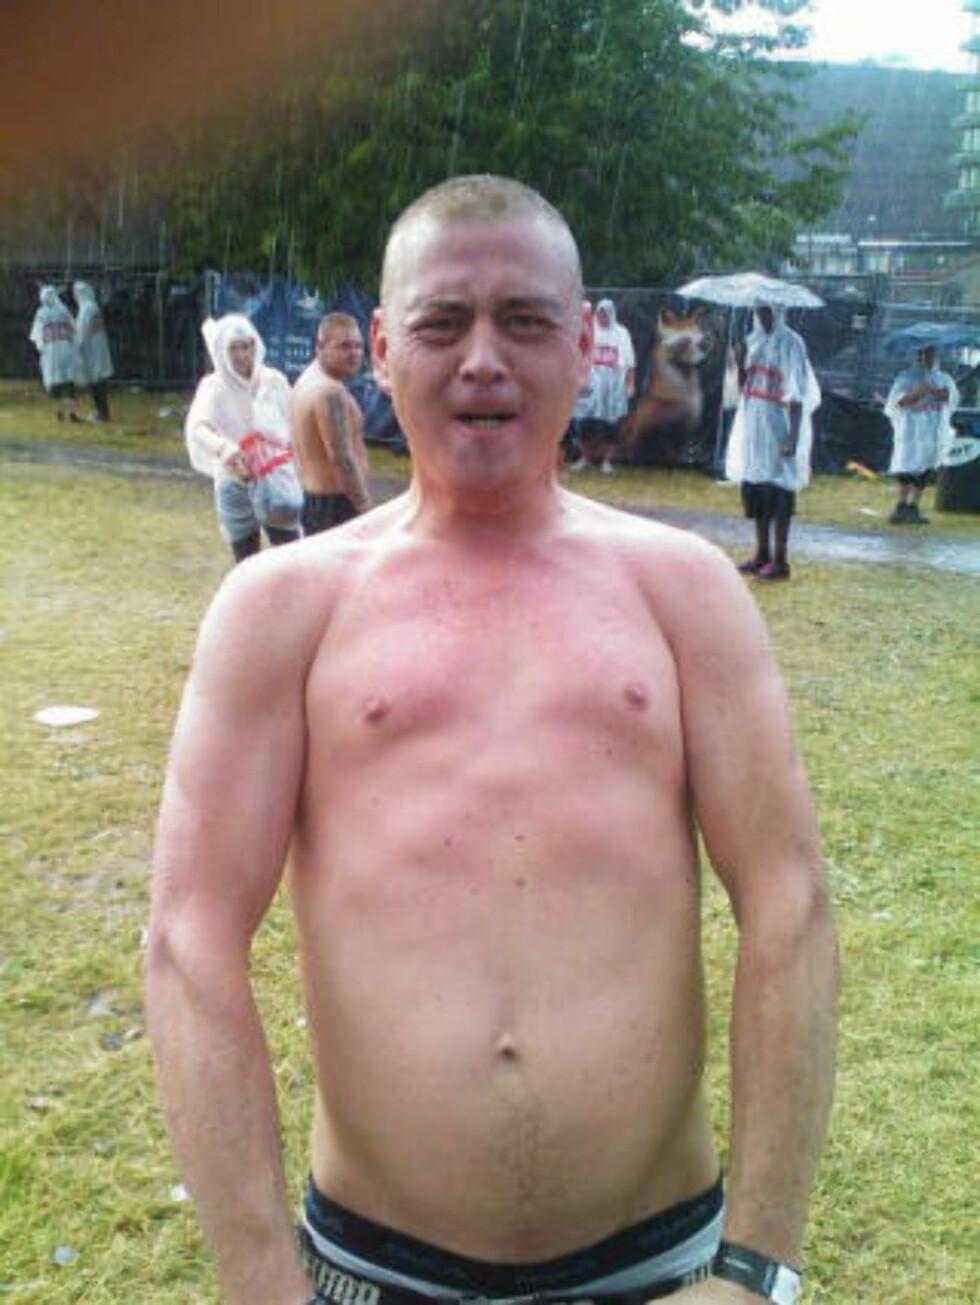 KJENTE REGNET PÅ KROPPEN: Denne festivaldeltakeren kastet like godt skjorta.  MMS-foto: MARTIN HAUG SCHILDE/OSLO LIVE